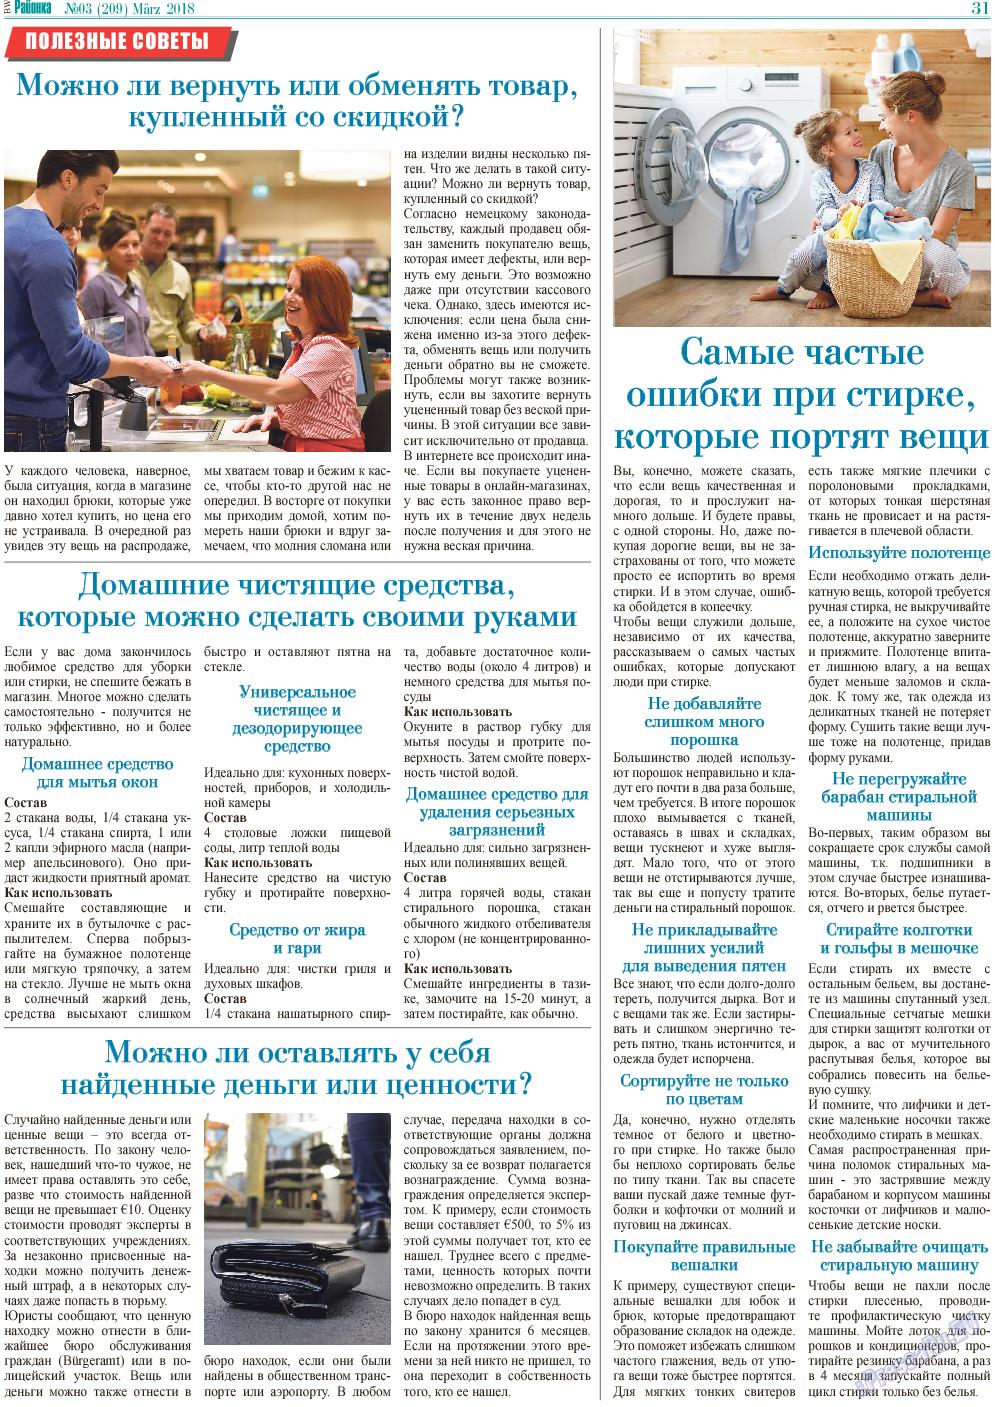 Районка-West (газета). 2018 год, номер 3, стр. 31